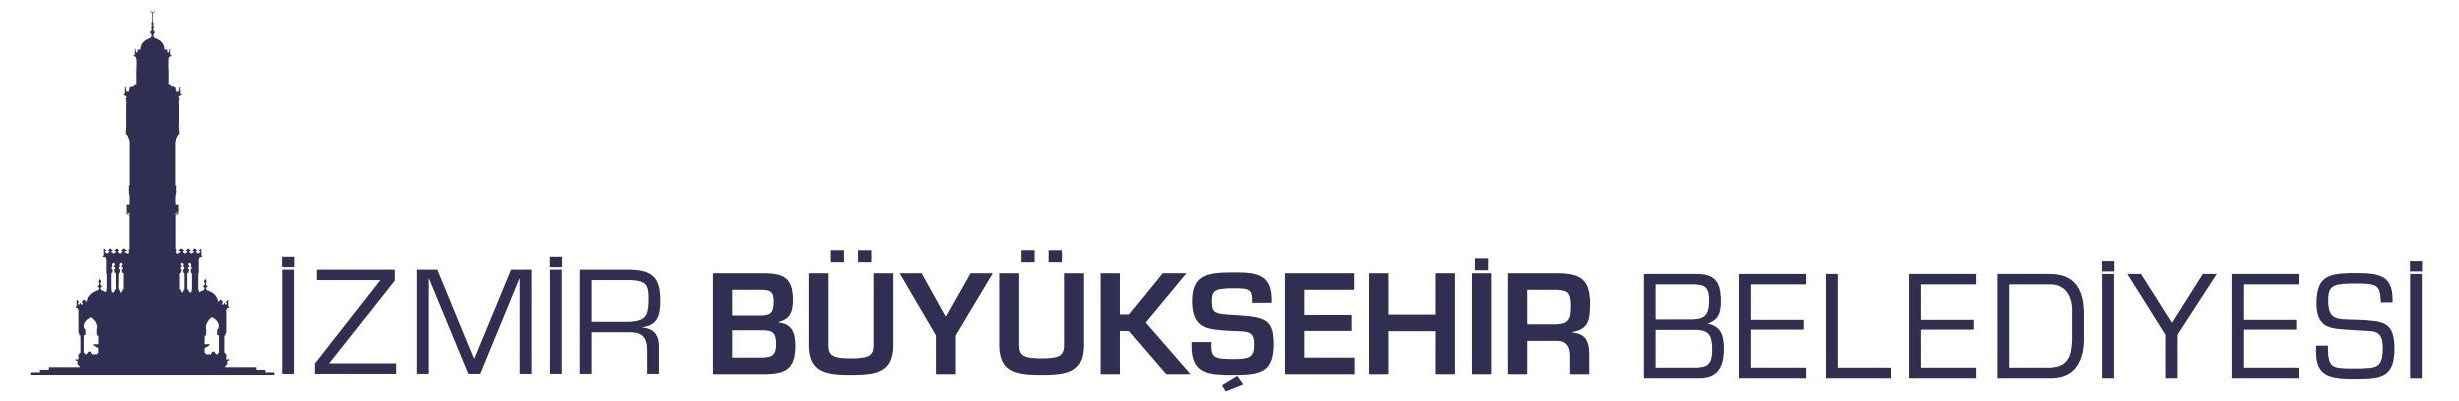 izmir-buyuksehir-belediyesi-logo1